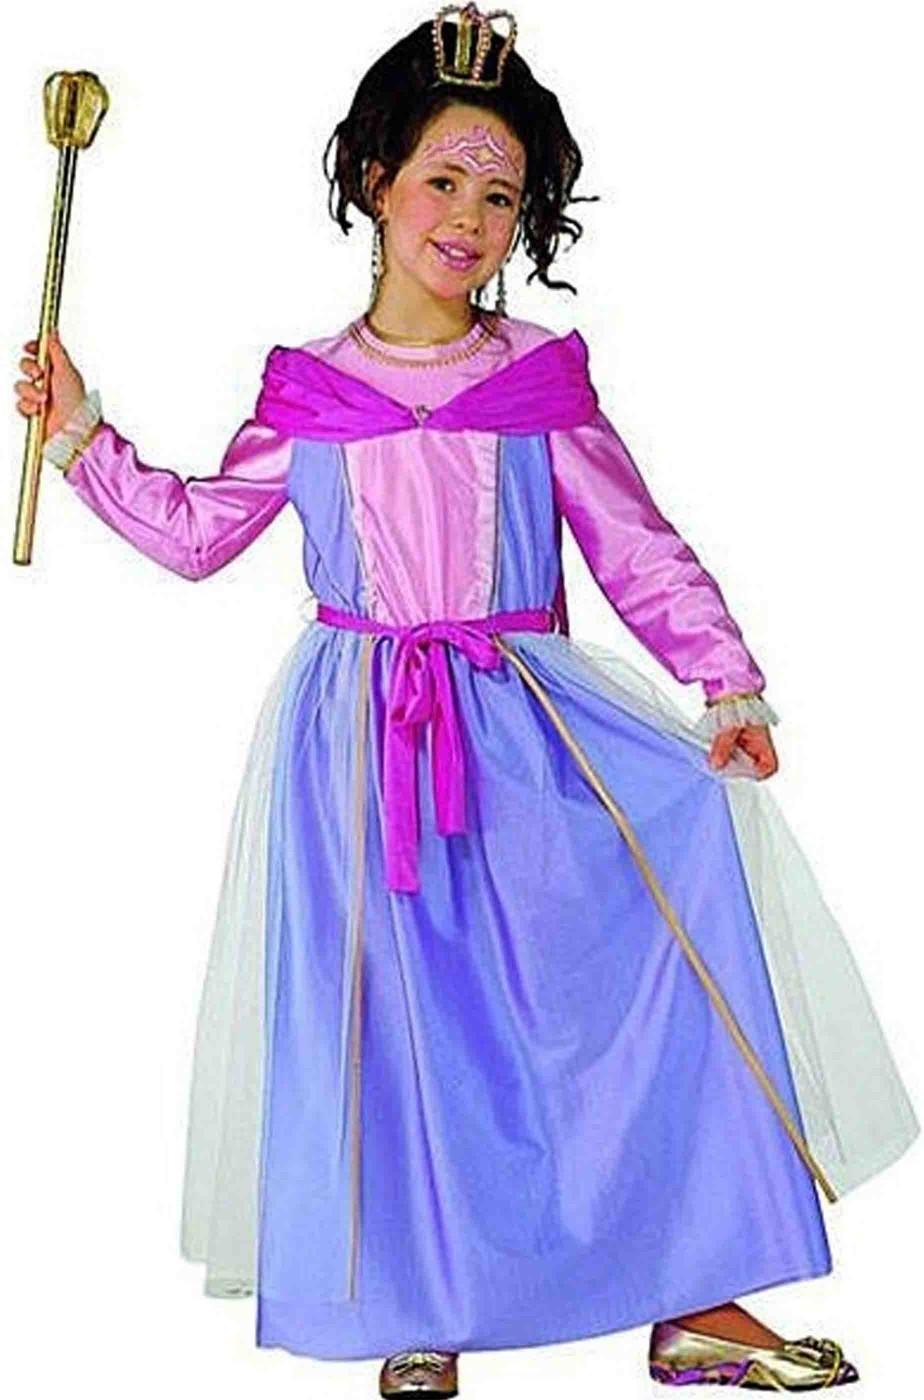 Vestito di carnevale principessa rosa bambina damina